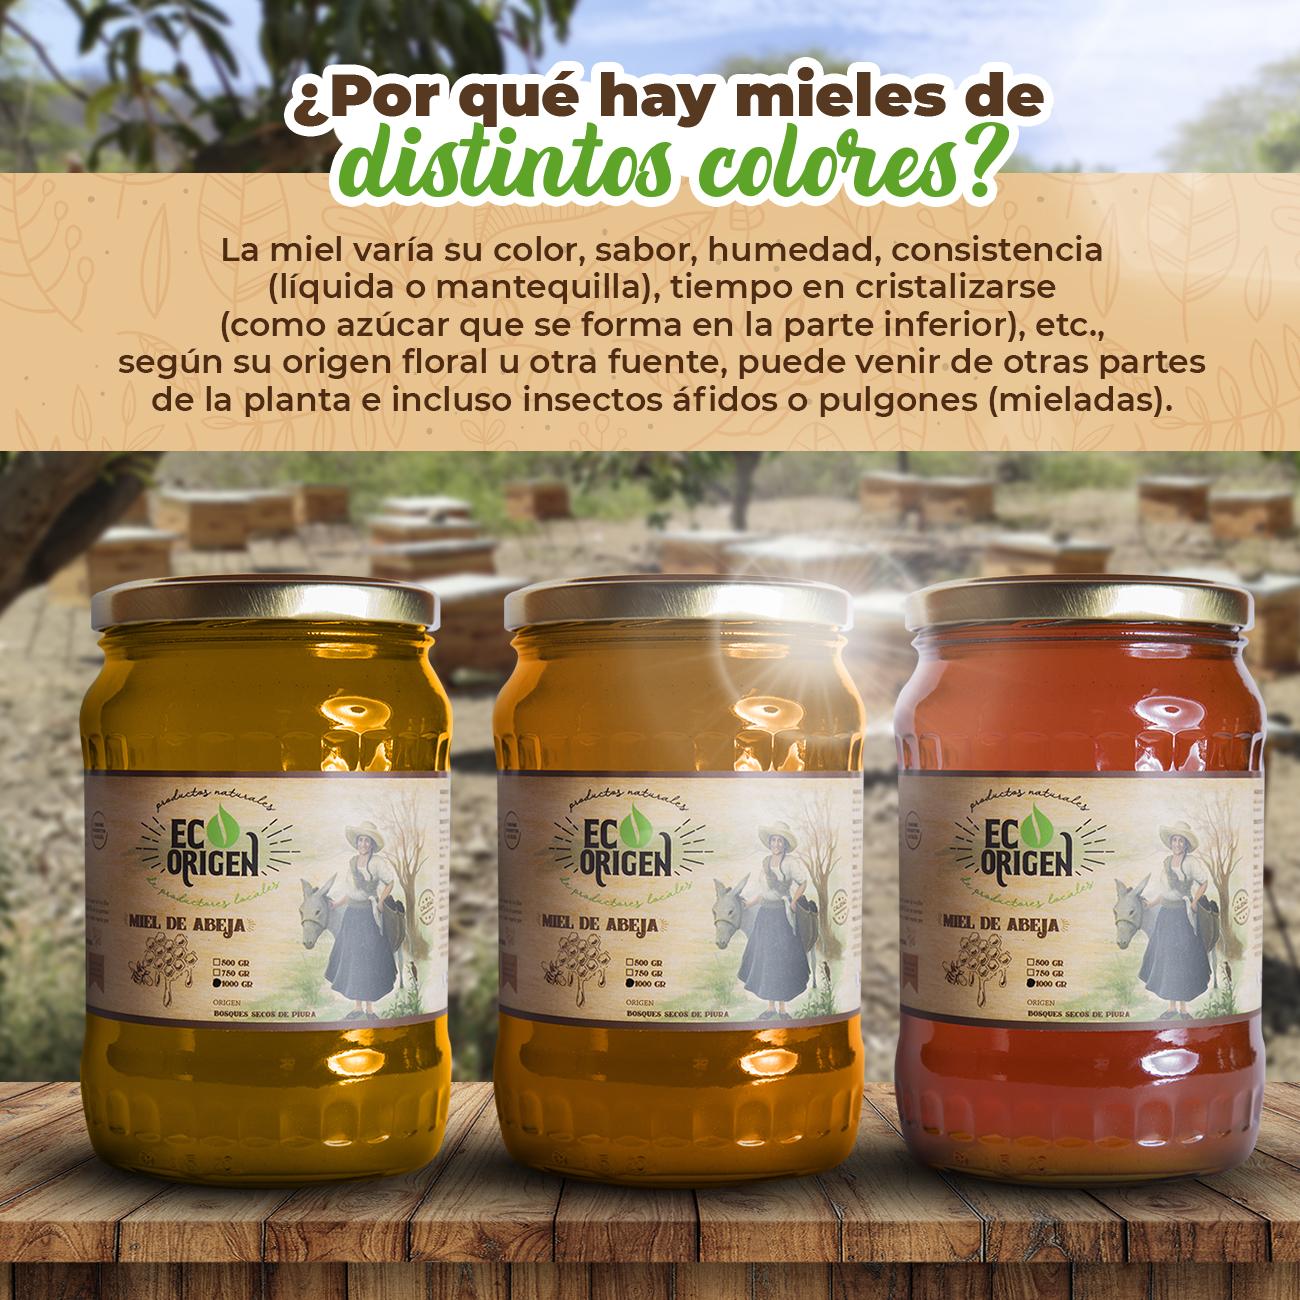 Color de miel de abeja - Eco Origen